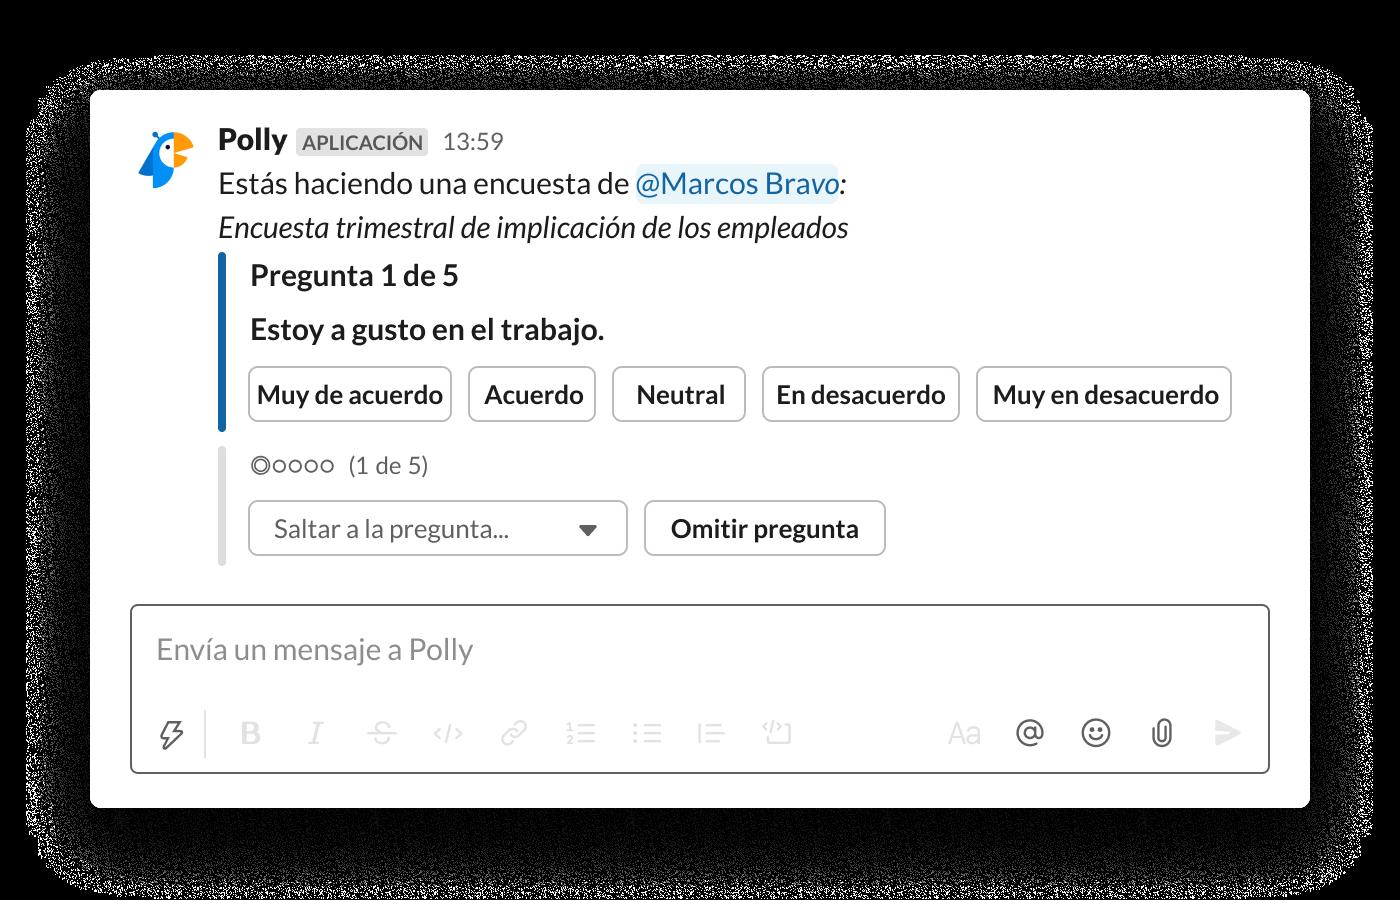 Una encuesta sobre la implicación de los empleados, compartida en Slack, en la que se pregunta si los empleados están a gusto en el trabajo.